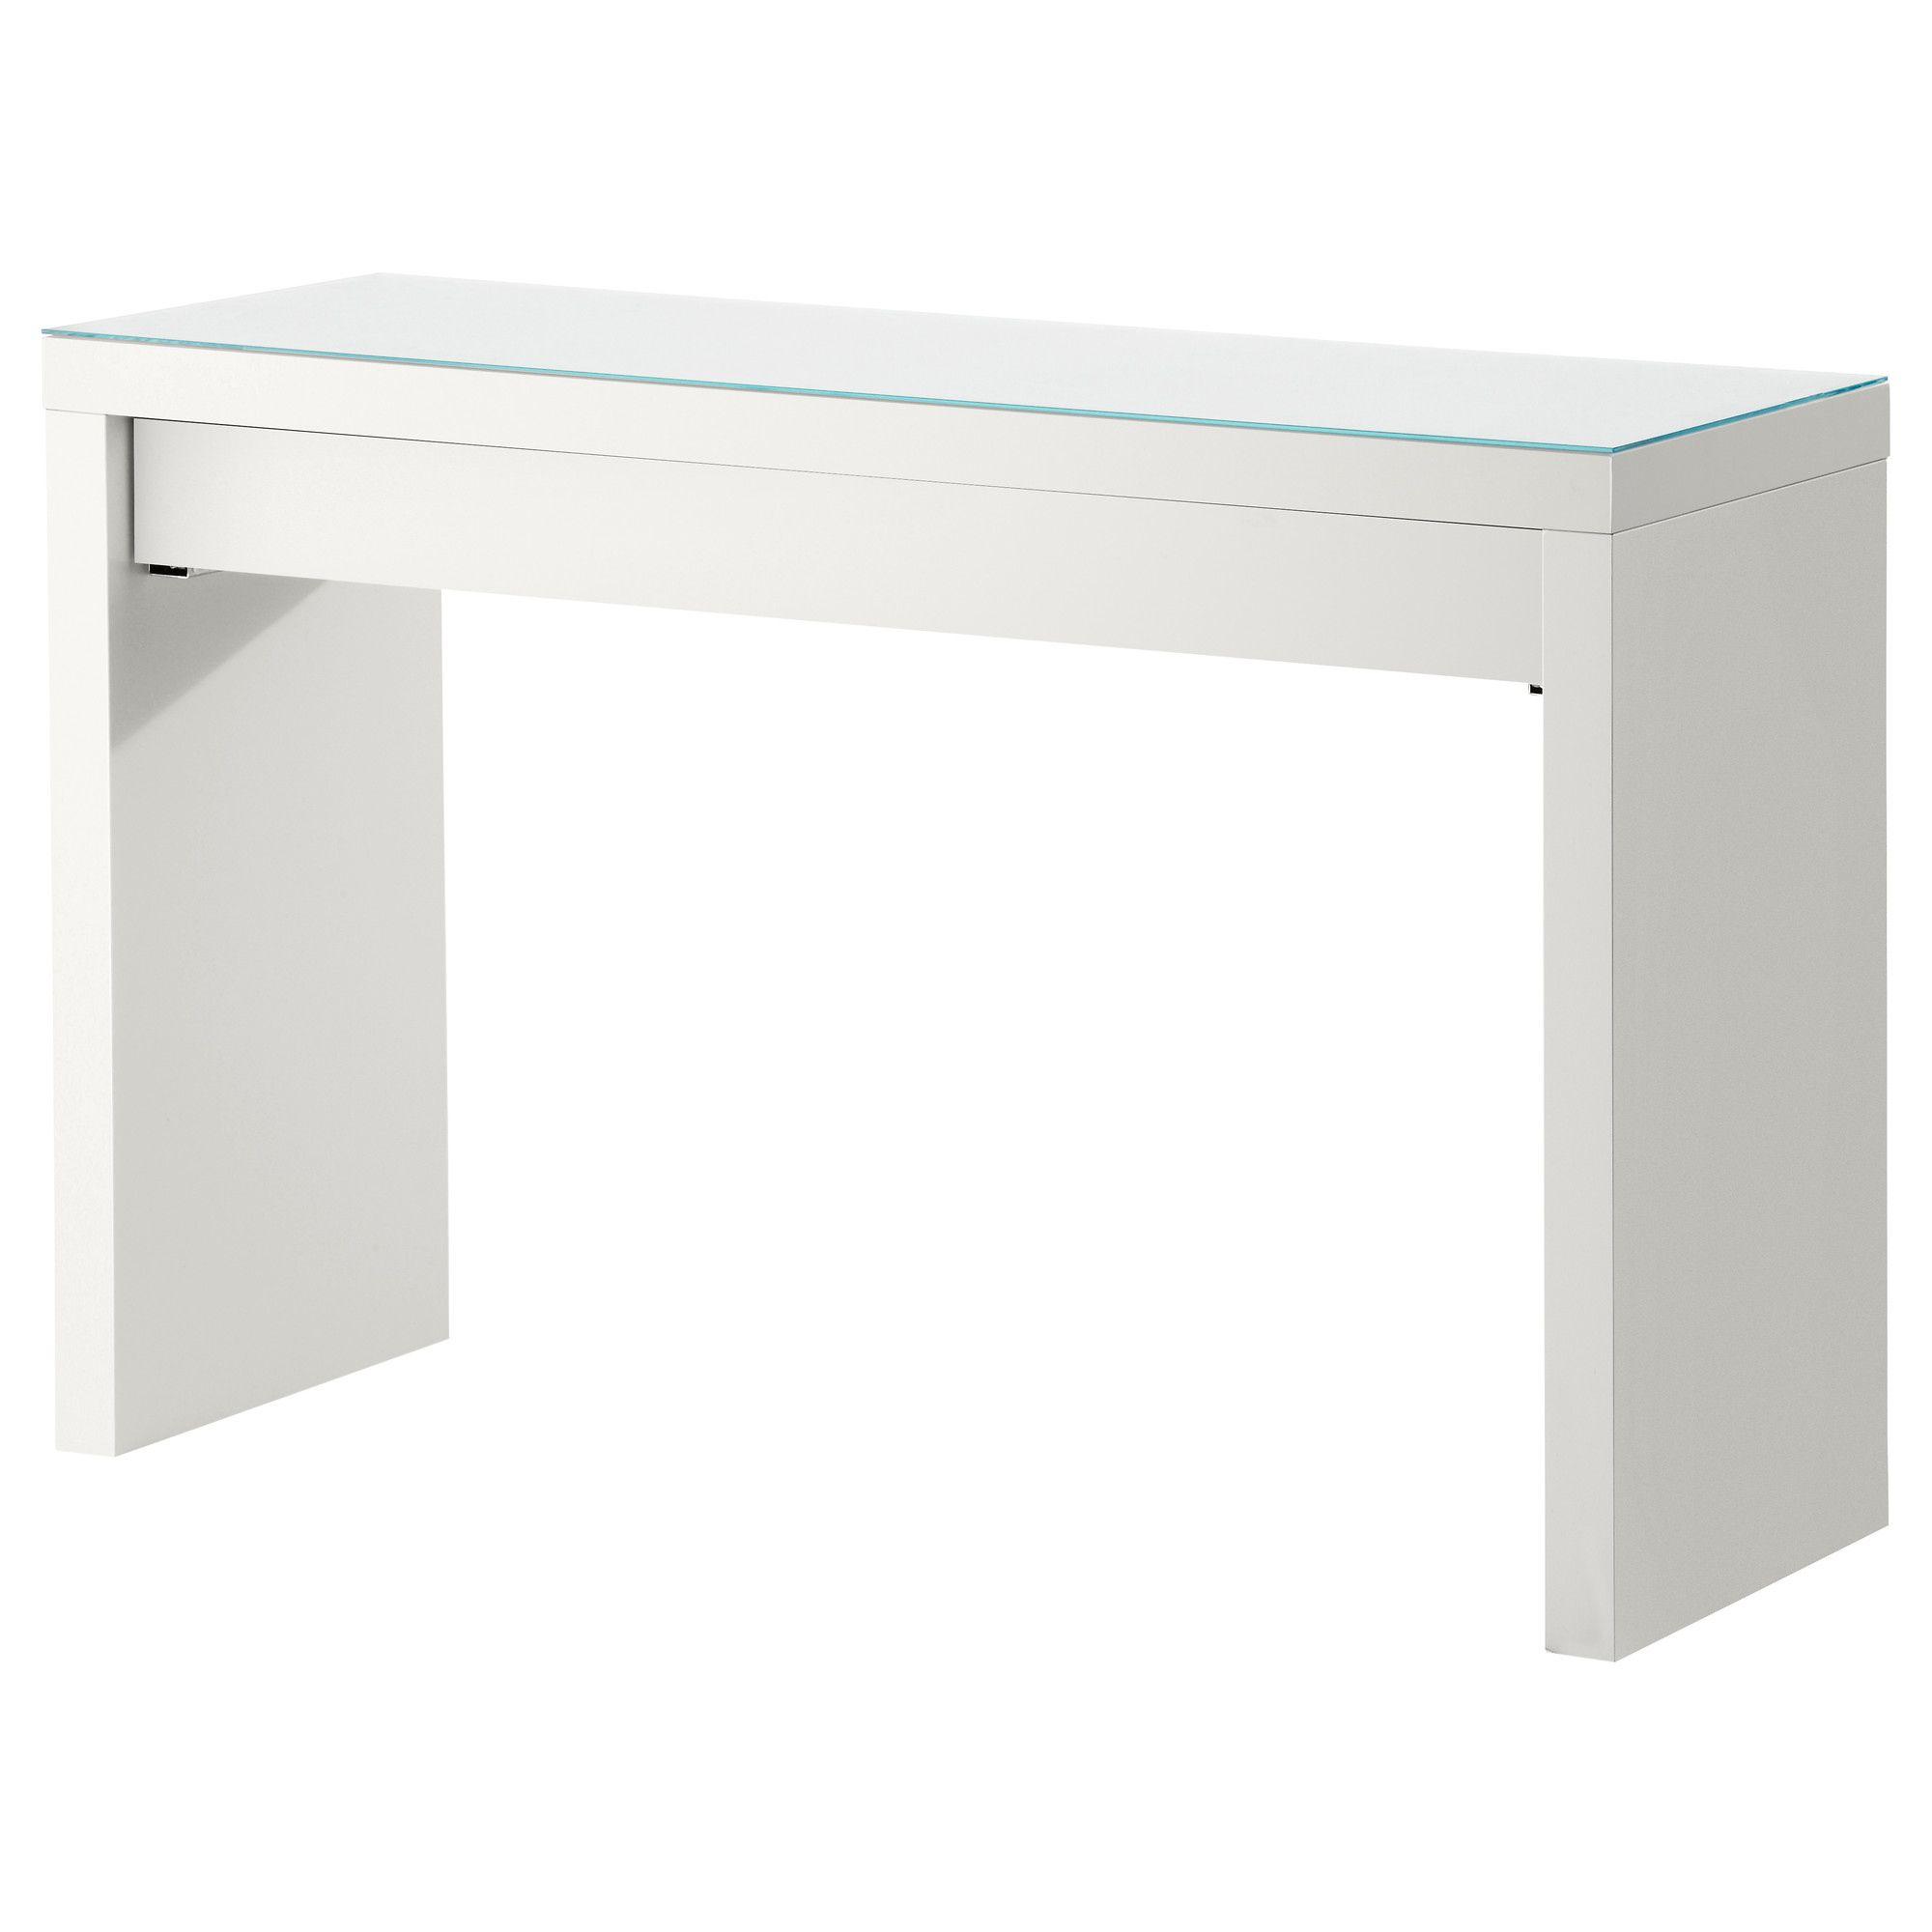 991db5047f4c6e81d5c6b89dcd2972ed Luxe De Table Basse Convertible Ikea Des Idées